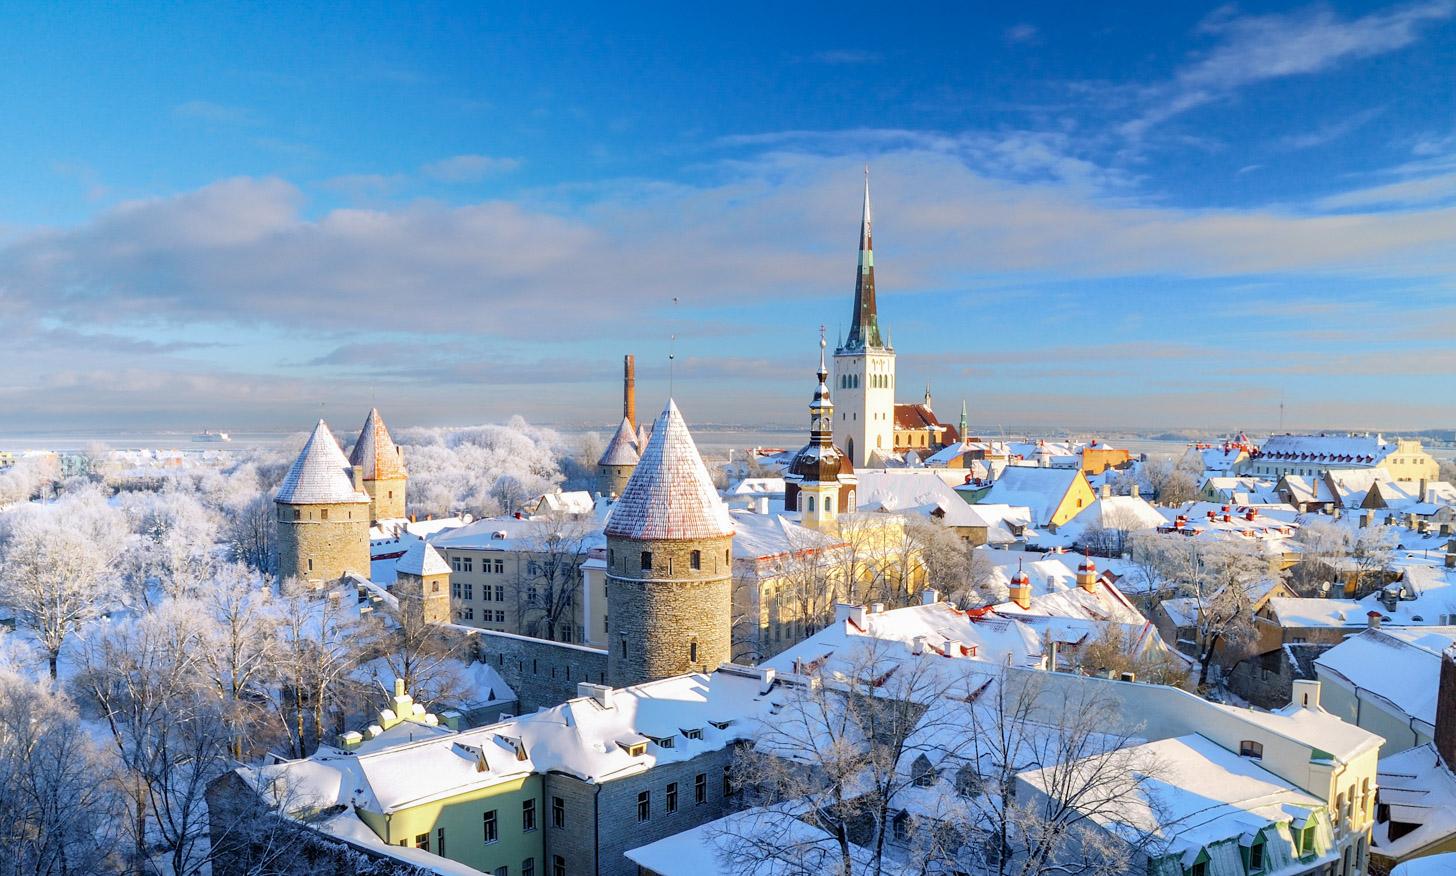 Winters weer in Tallinn zorgt voor een wit laagje sneeuw over de stad.